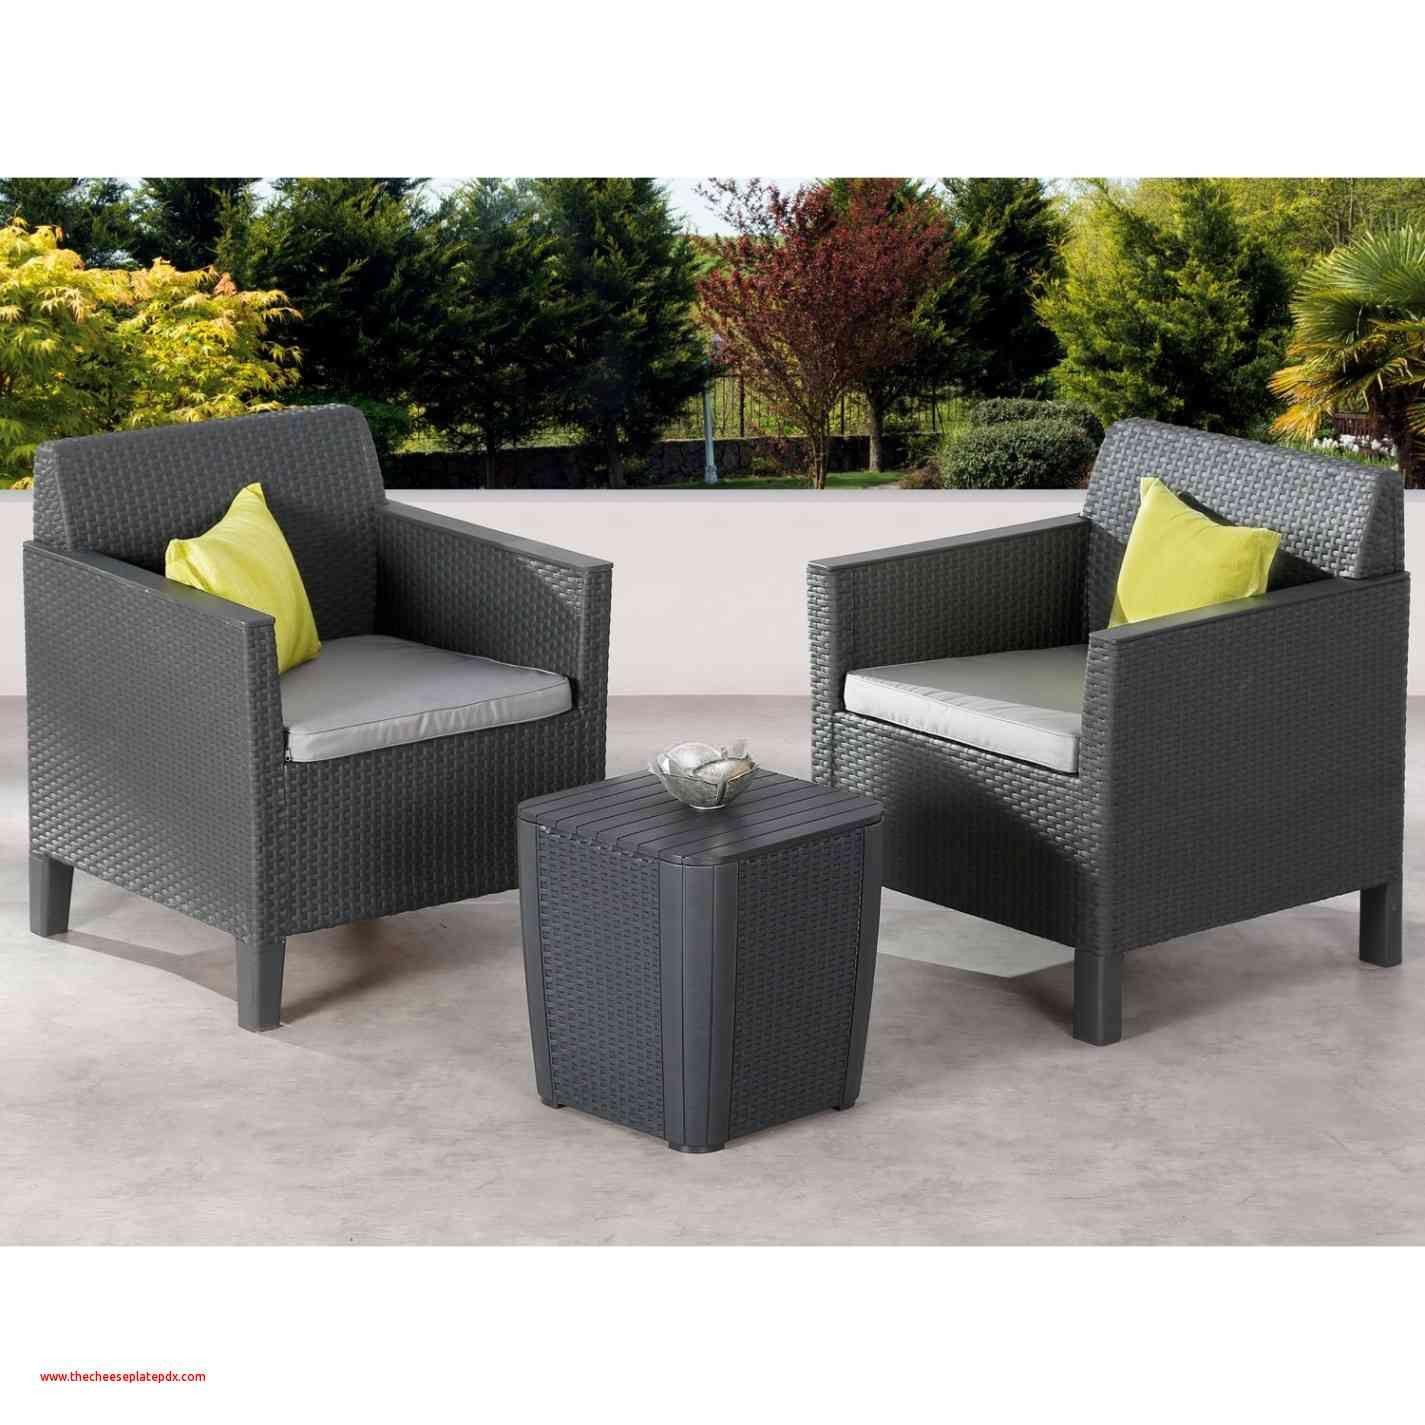 Alte Stühle Aufpeppen Elegant Balkon Tisch Und Stühle Herausragende Ideen Tisch Und Stühle